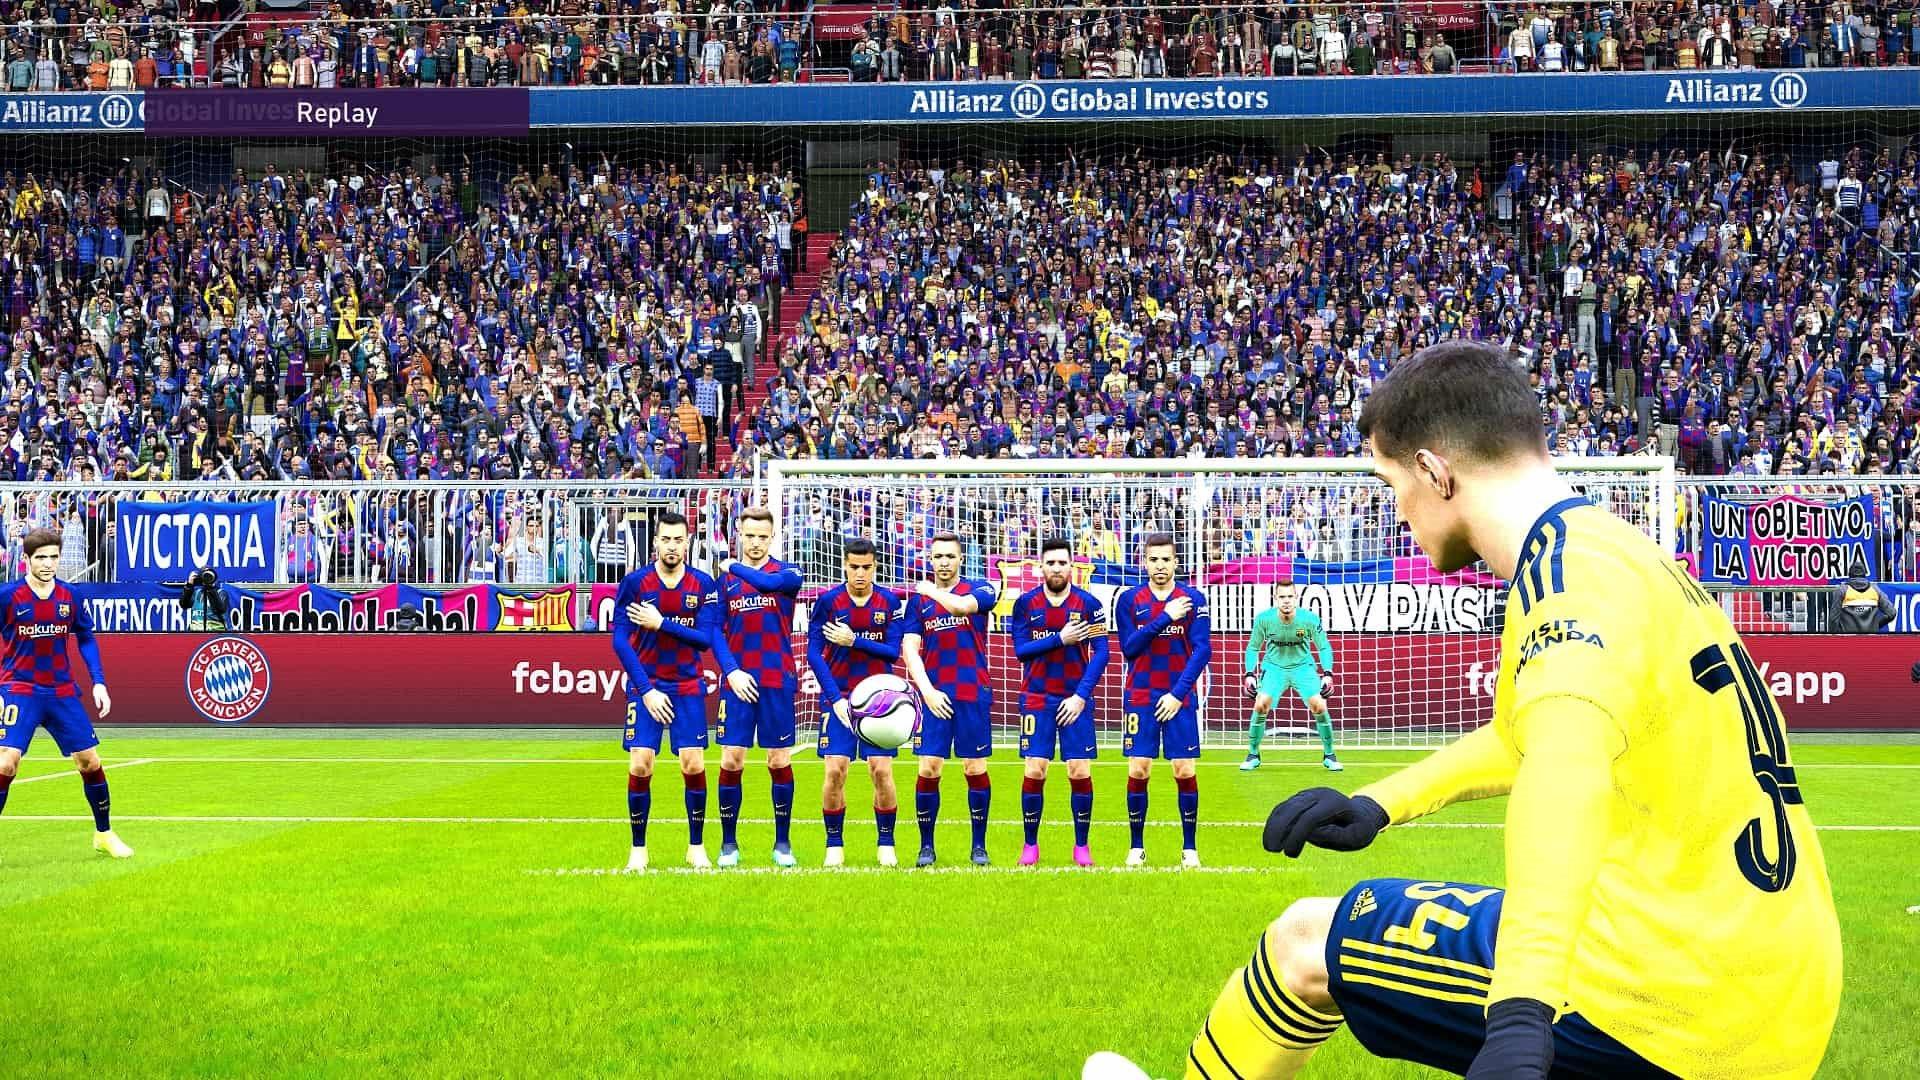 eFootball PES 2020; gameplay: priamy kop